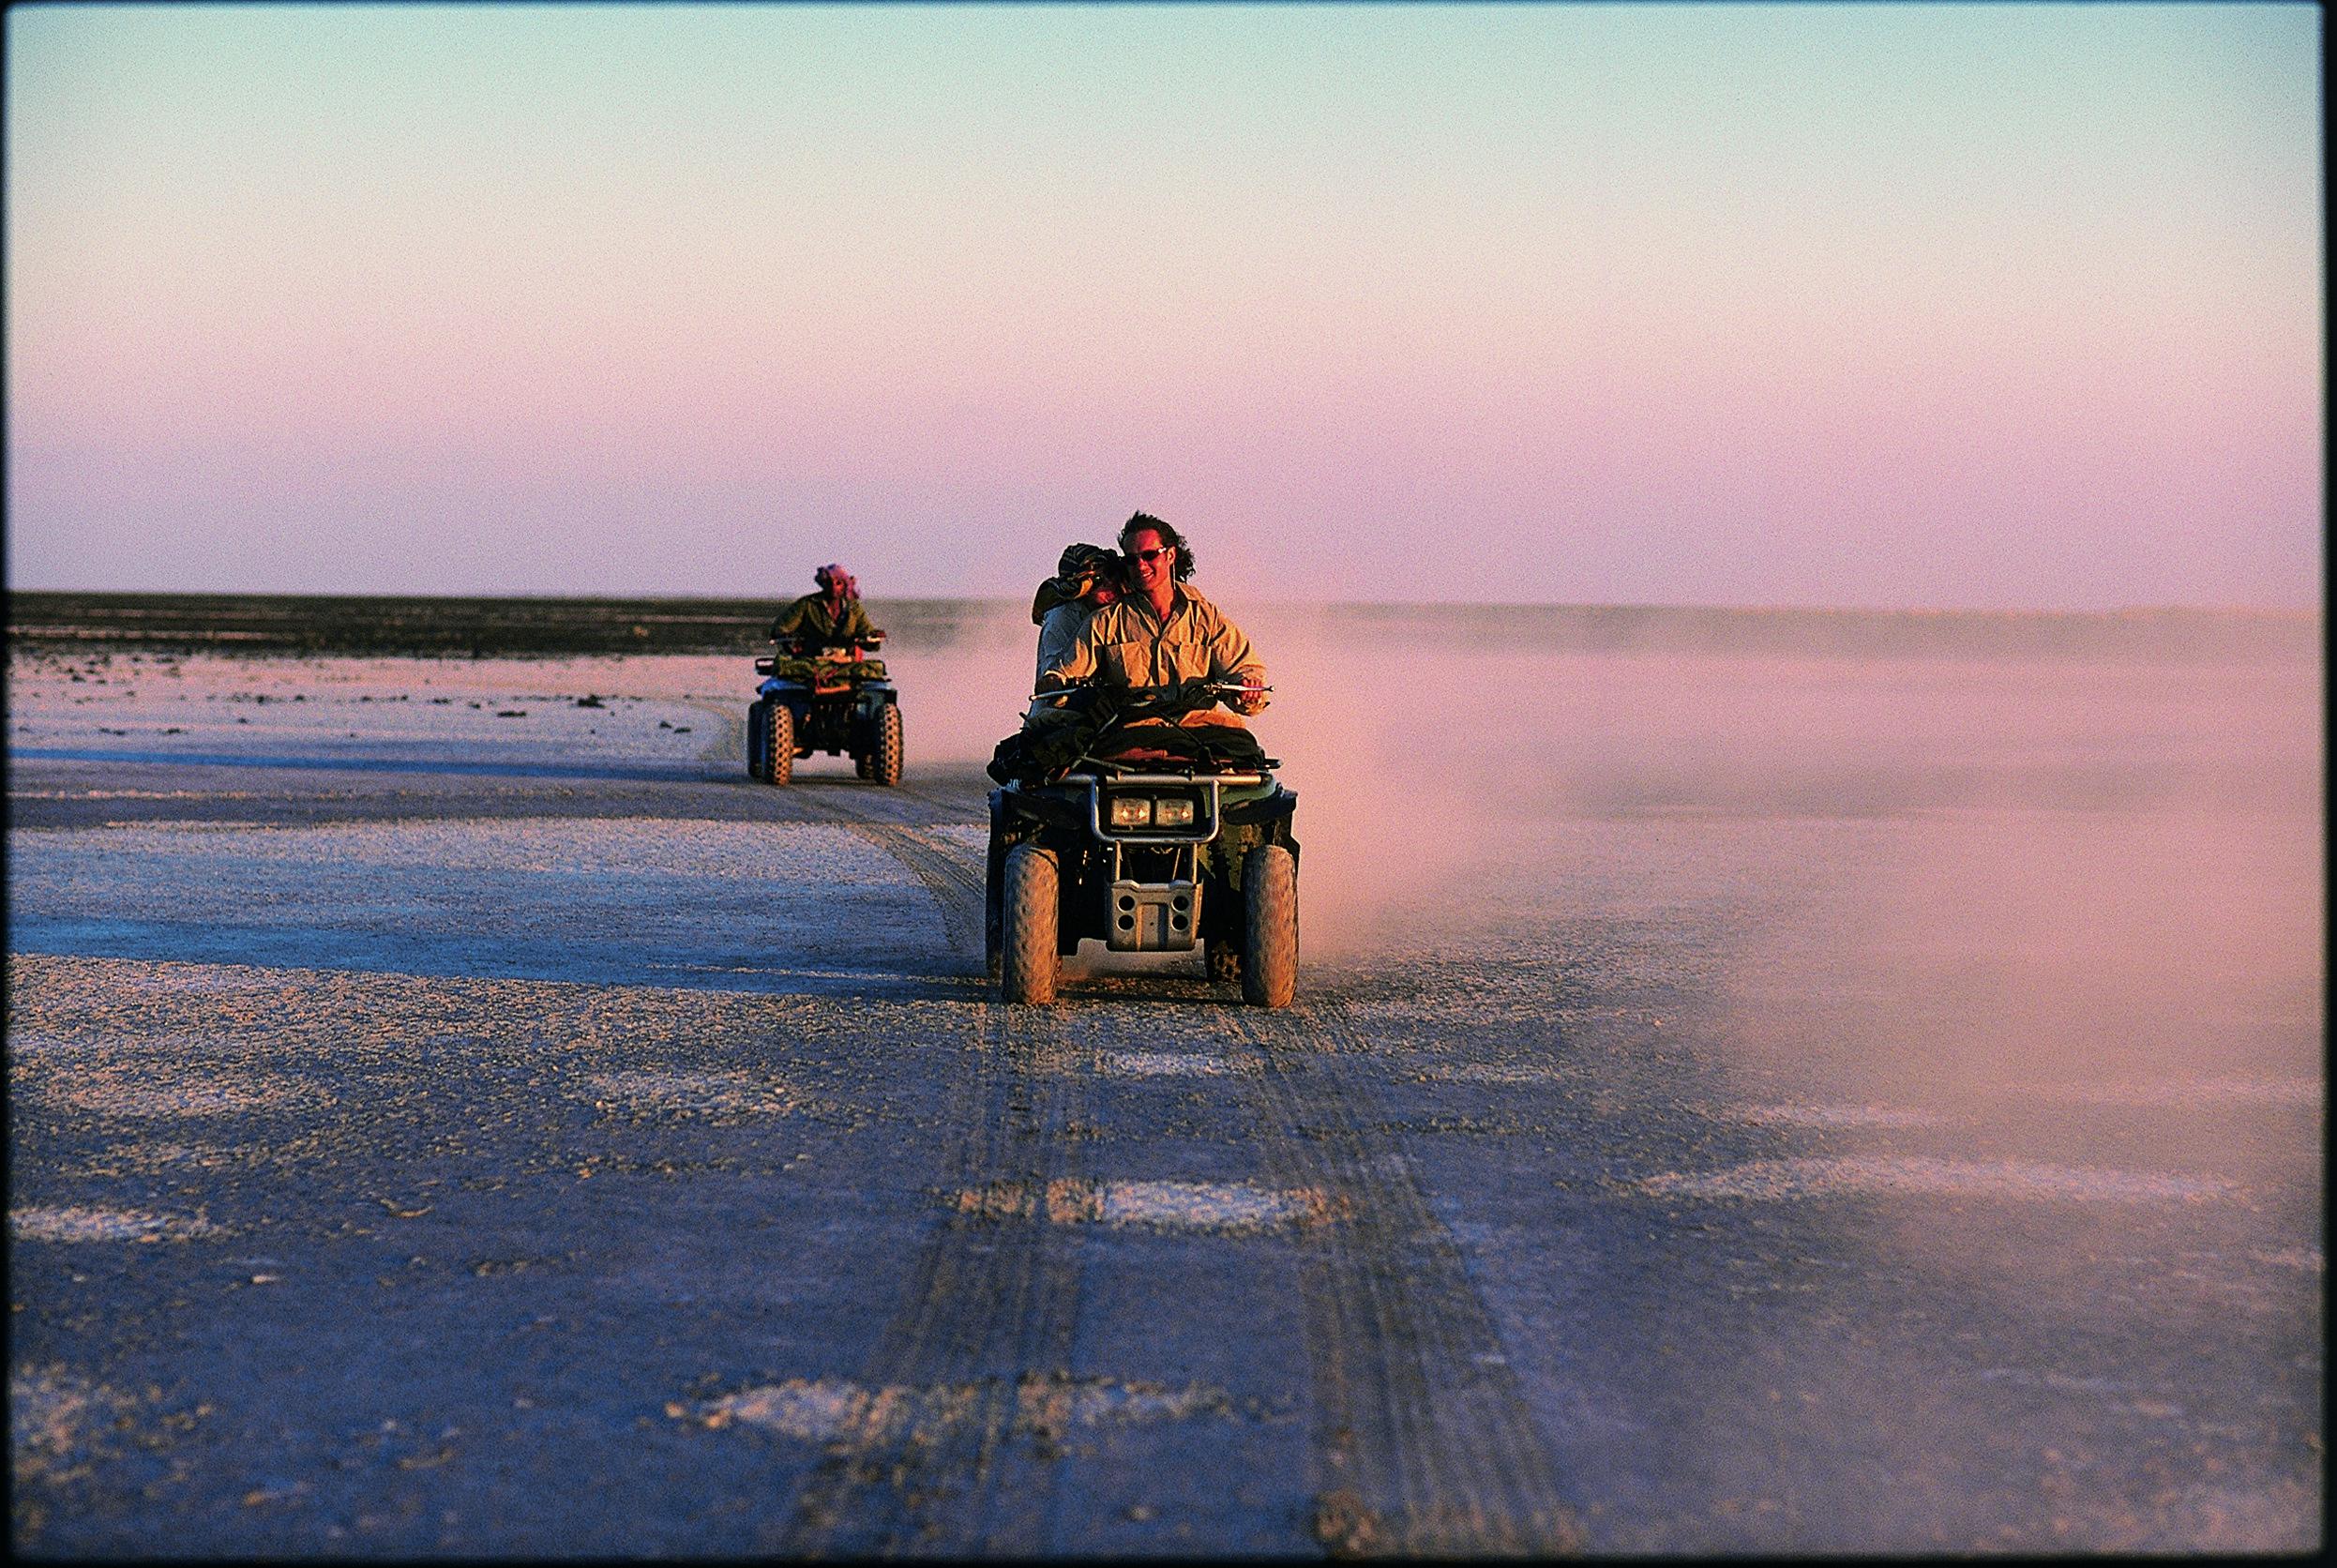 two ATVs cross the Makgadikgadi Pans in Botswana at sunset